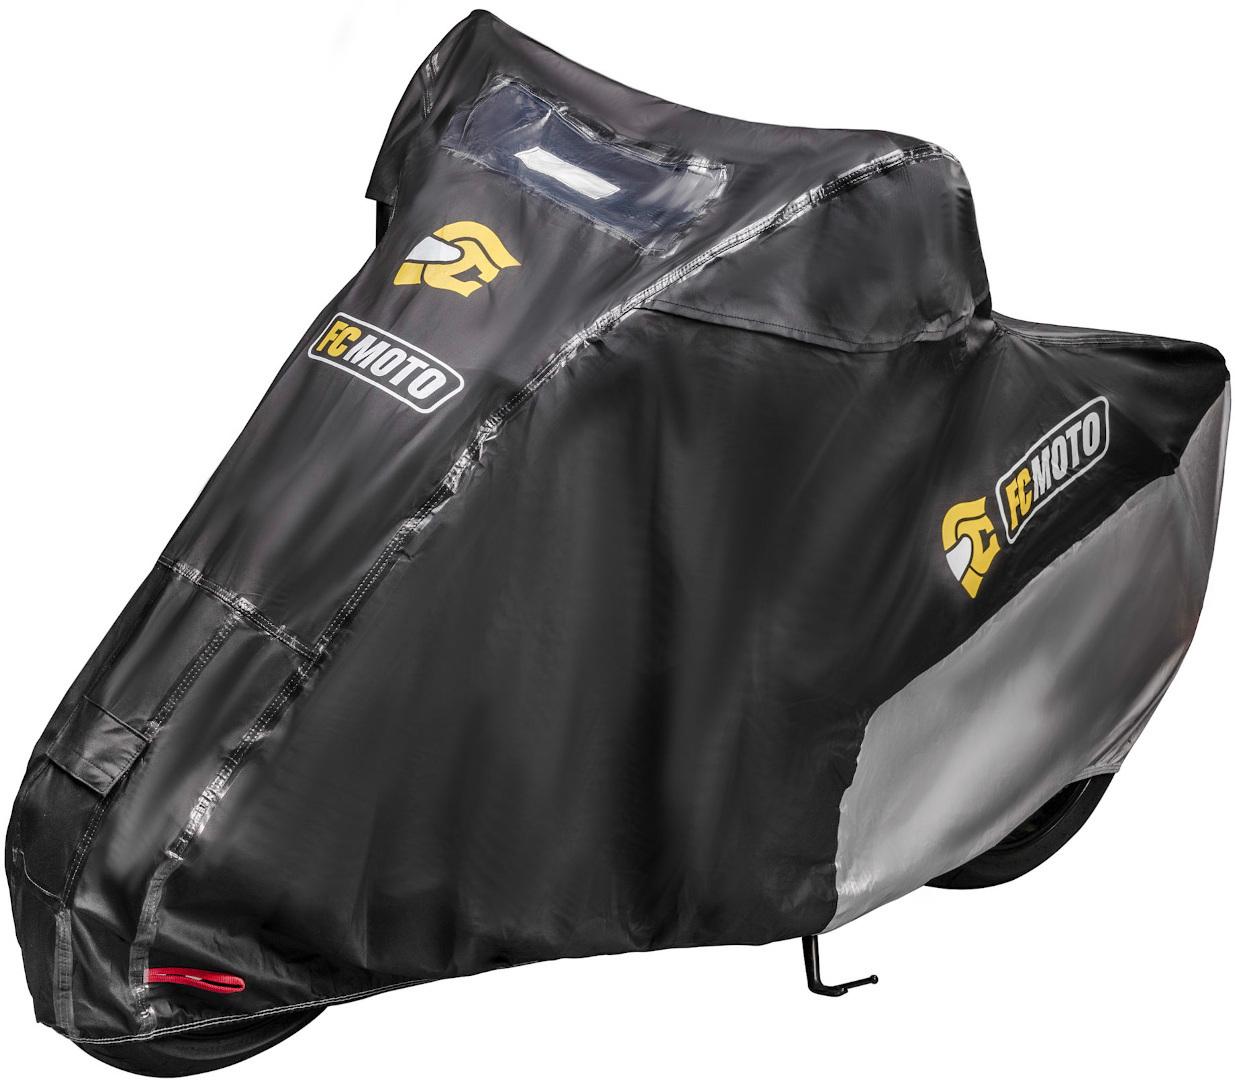 FC-Moto Premium Motorrad Abdeckplane, schwarz, Größe S, schwarz, Größe S